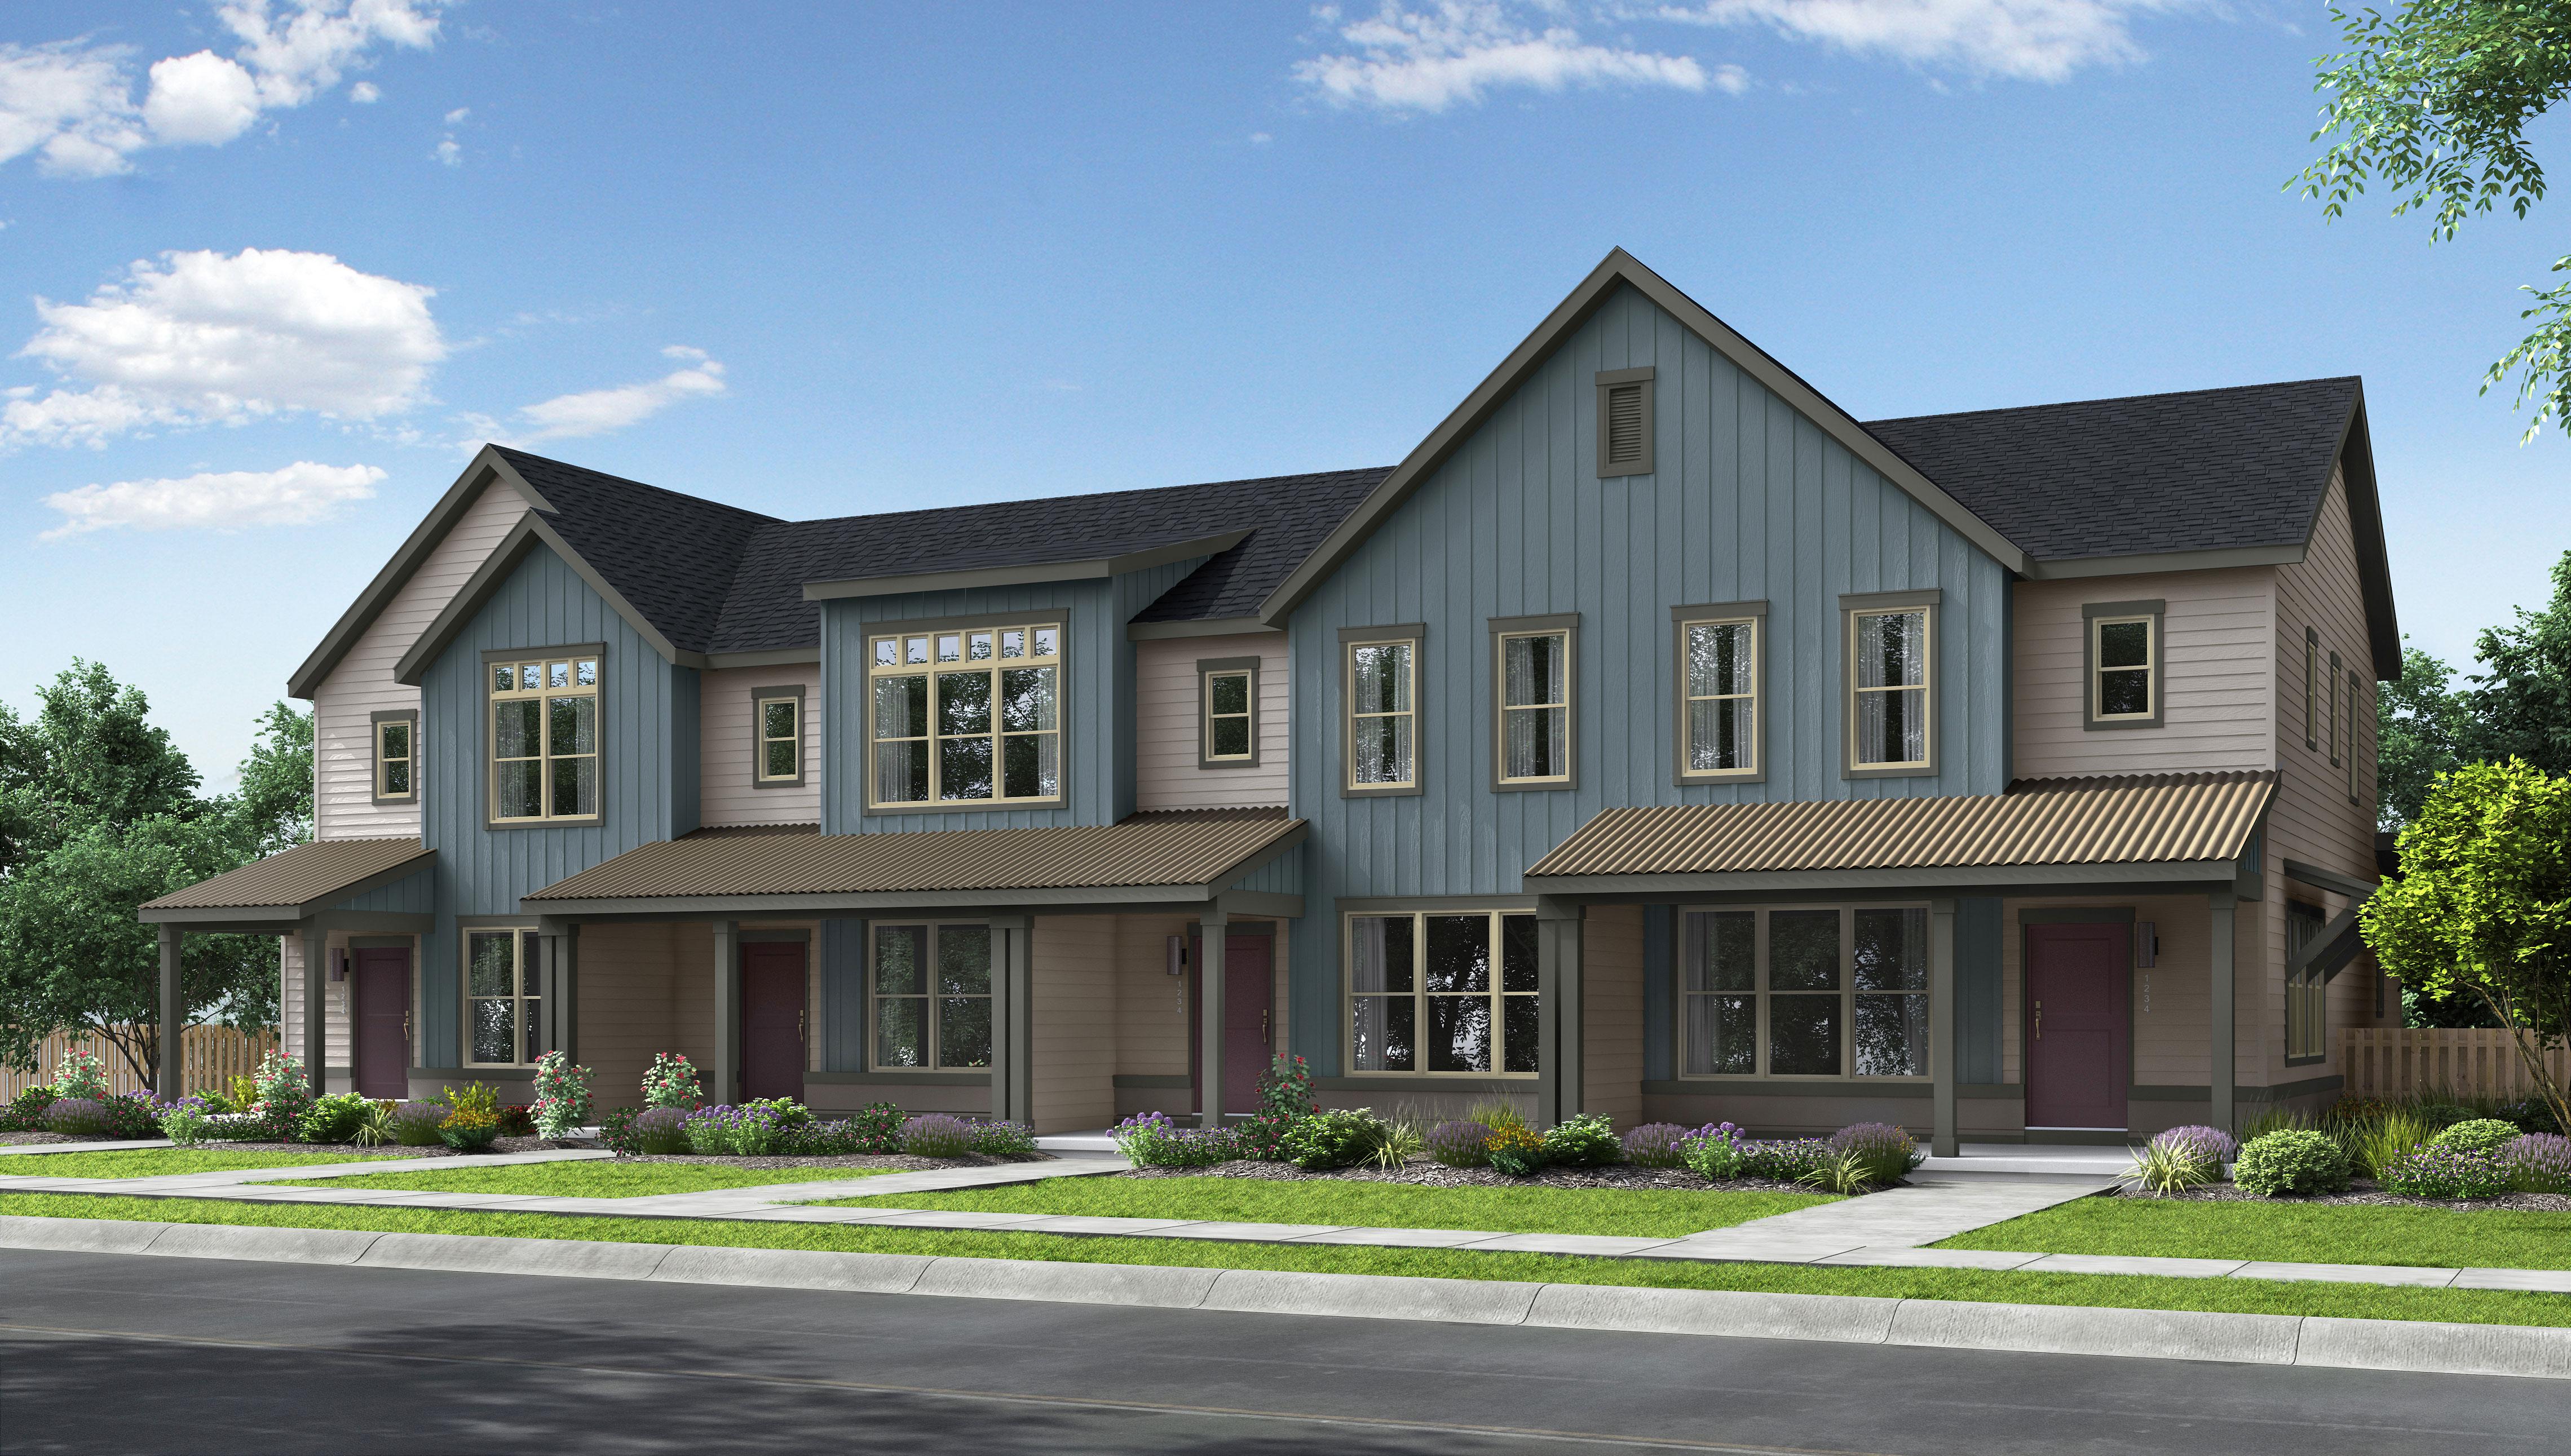 Colorado Home Design 2 Home Decoration Interior Design